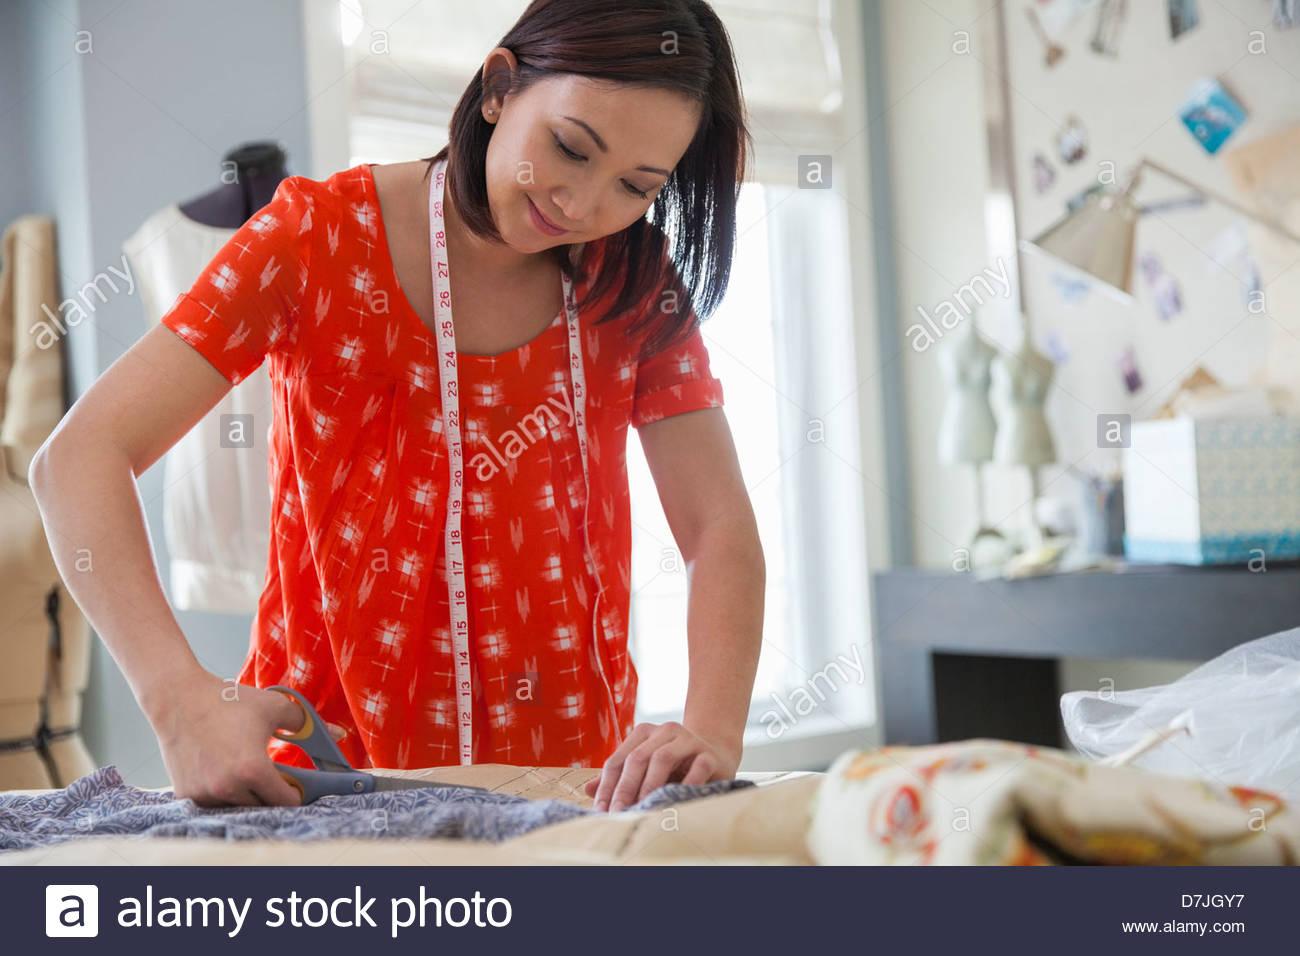 Costureira feminino trabalhando em estúdio doméstico Imagens de Stock